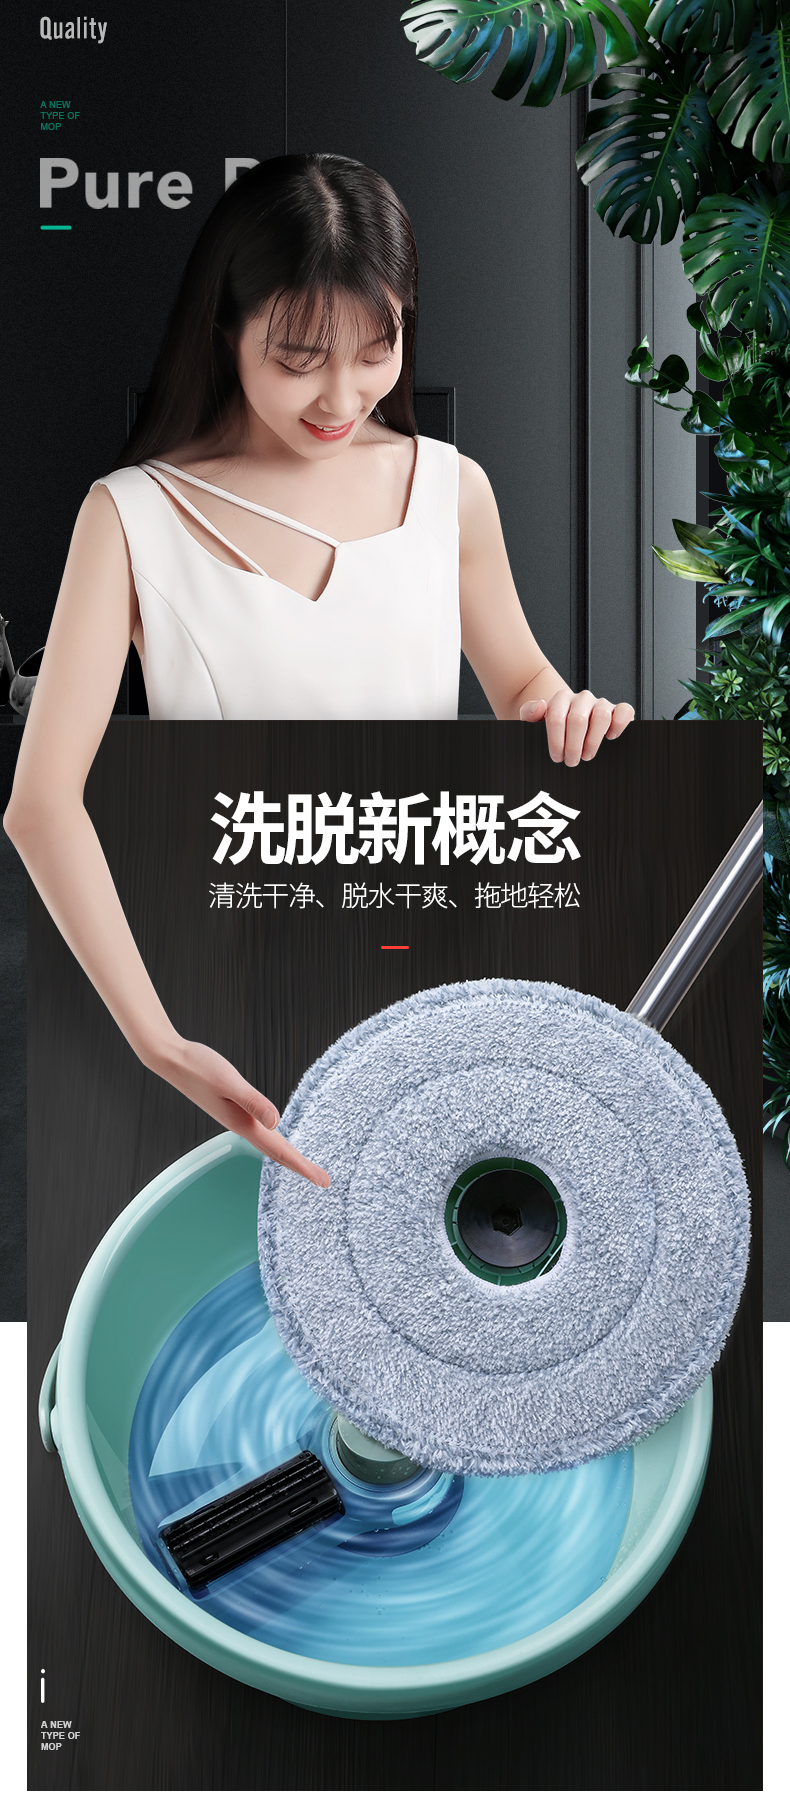 Не мойте швабру вручную, вращайте ленивую швабру в таблетке для бытовой плитки, пола Yituo чистая Швабра для пола артефакт - 6